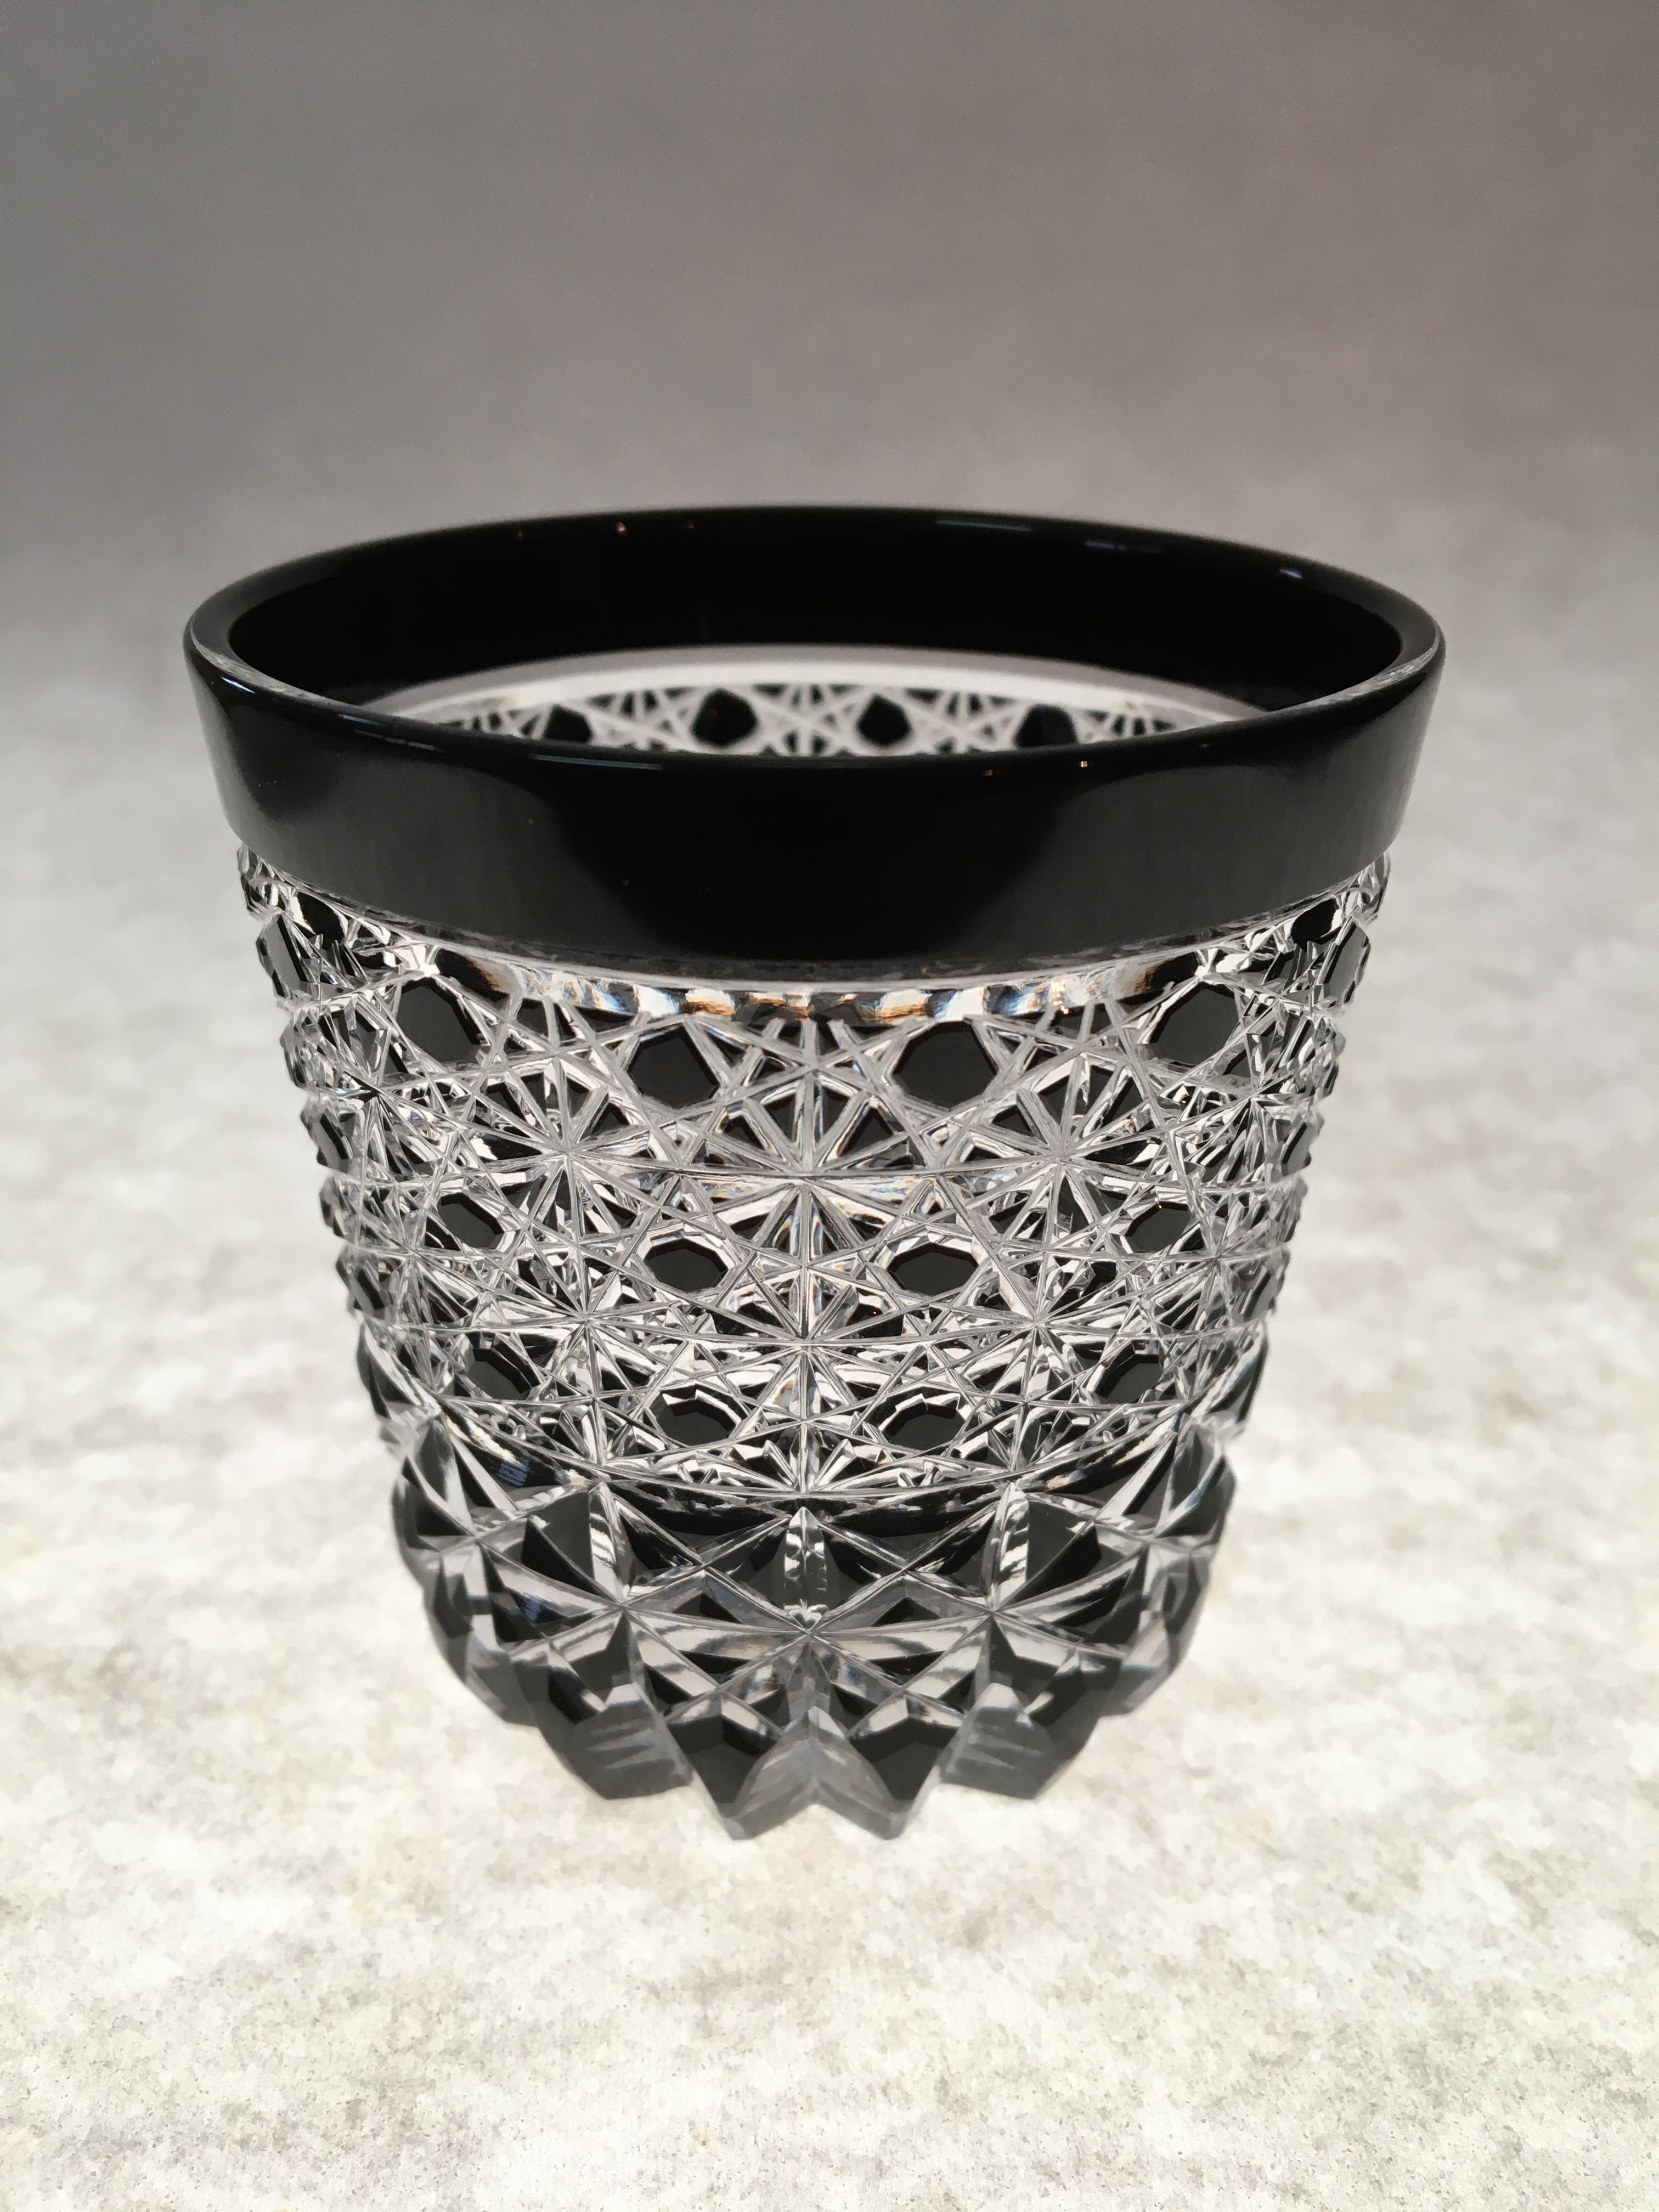 江戸切子 黒の江戸切子 酒グラスの在庫を補充しました。